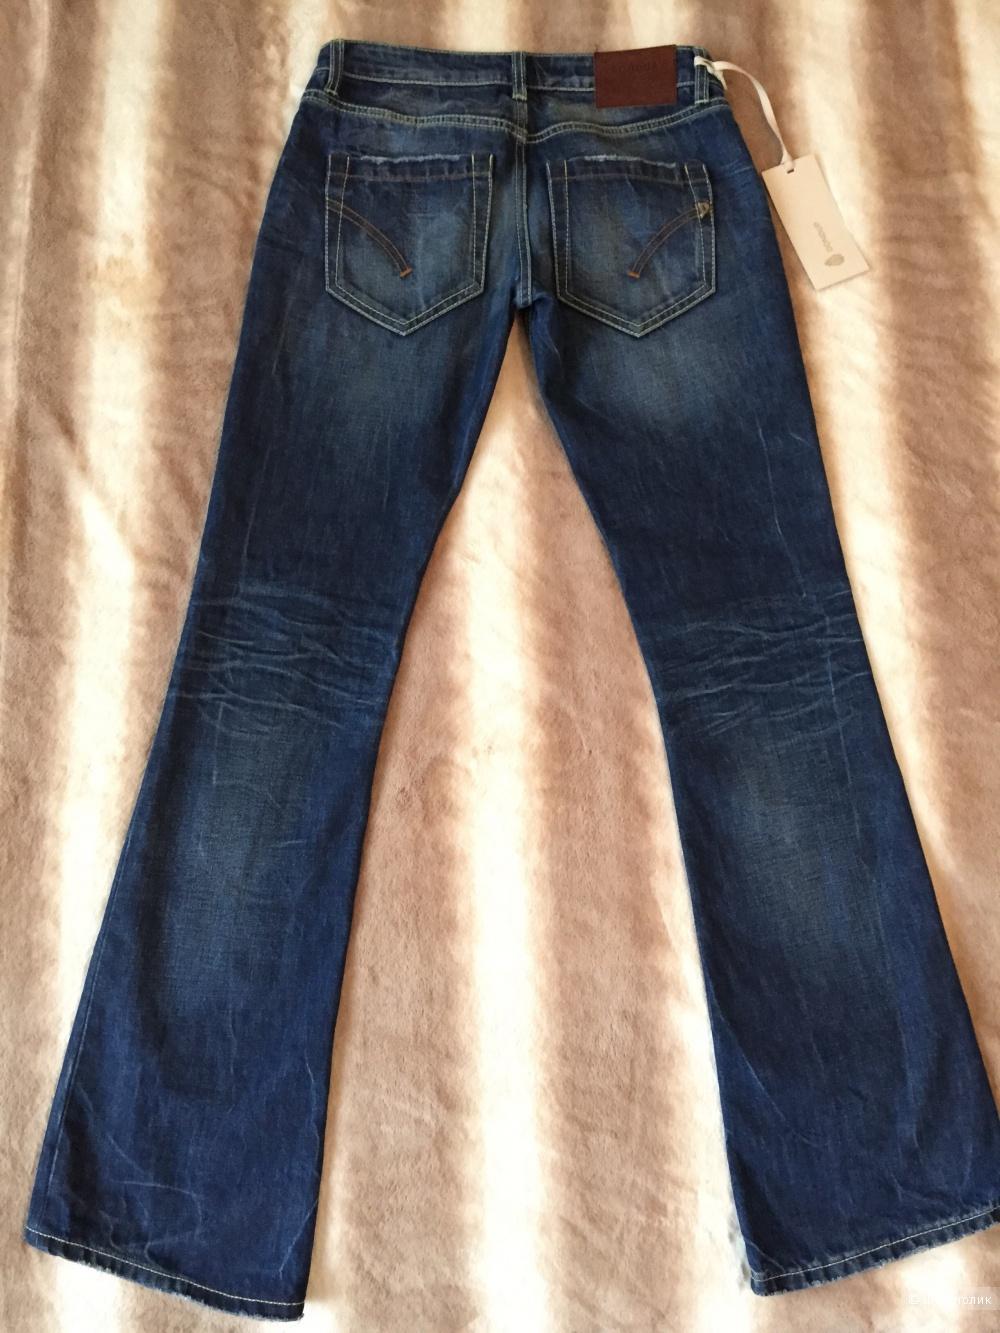 Джинсы-клеш DonDup, размер 28, синего цвета